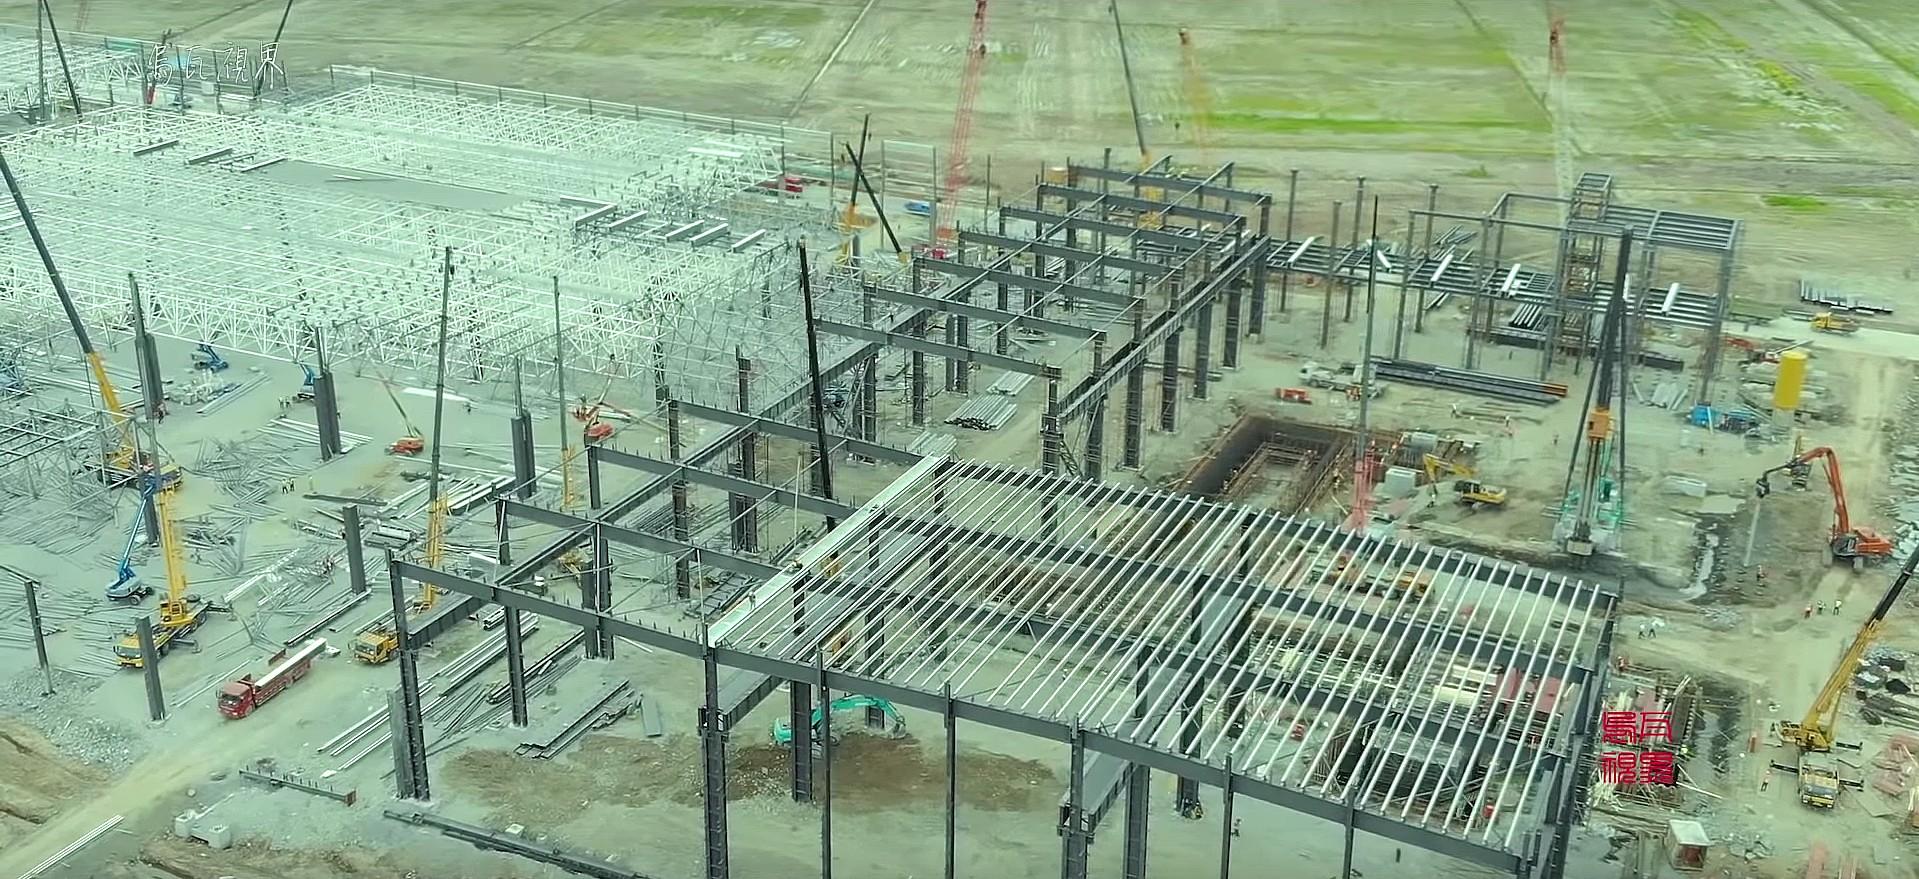 tesla-gigafactory-3-roofing-1a